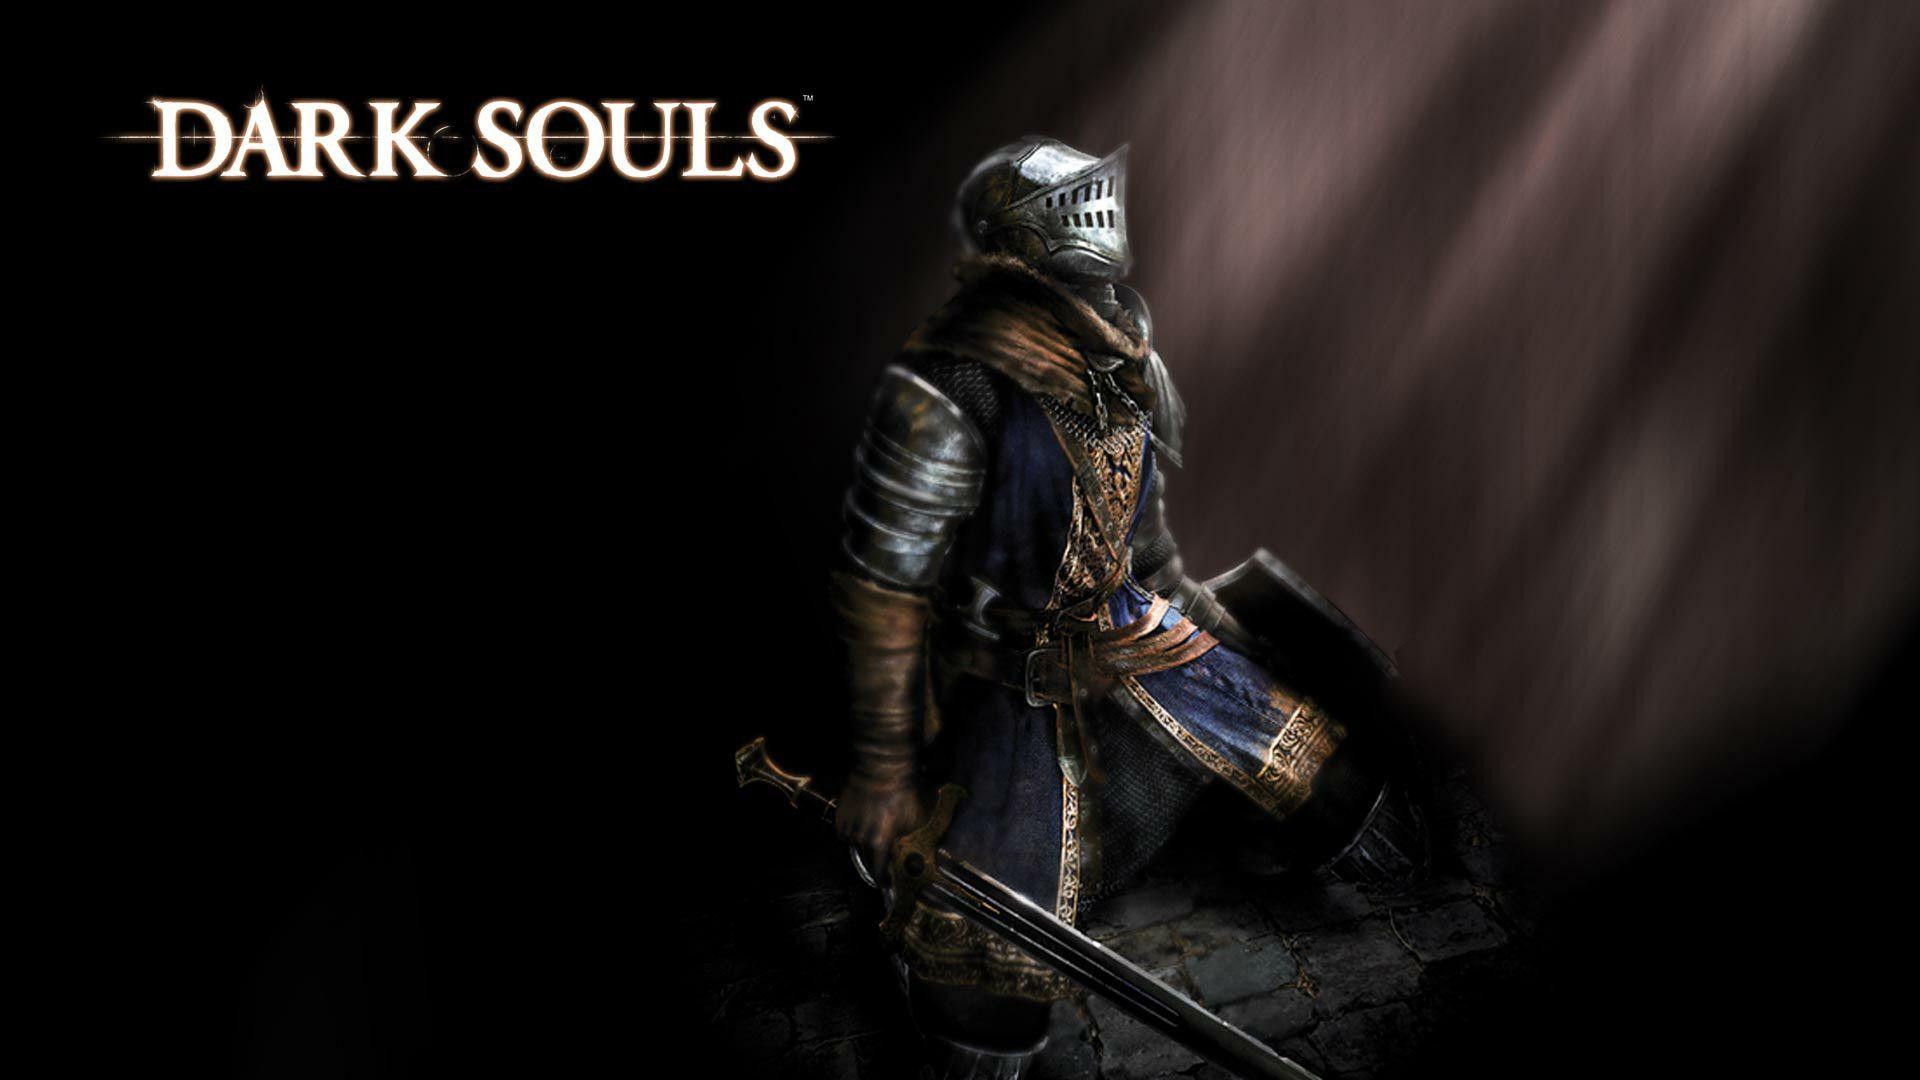 Wallpapers Dark Souls Prepare To Die Edition Hd P 1920x1080